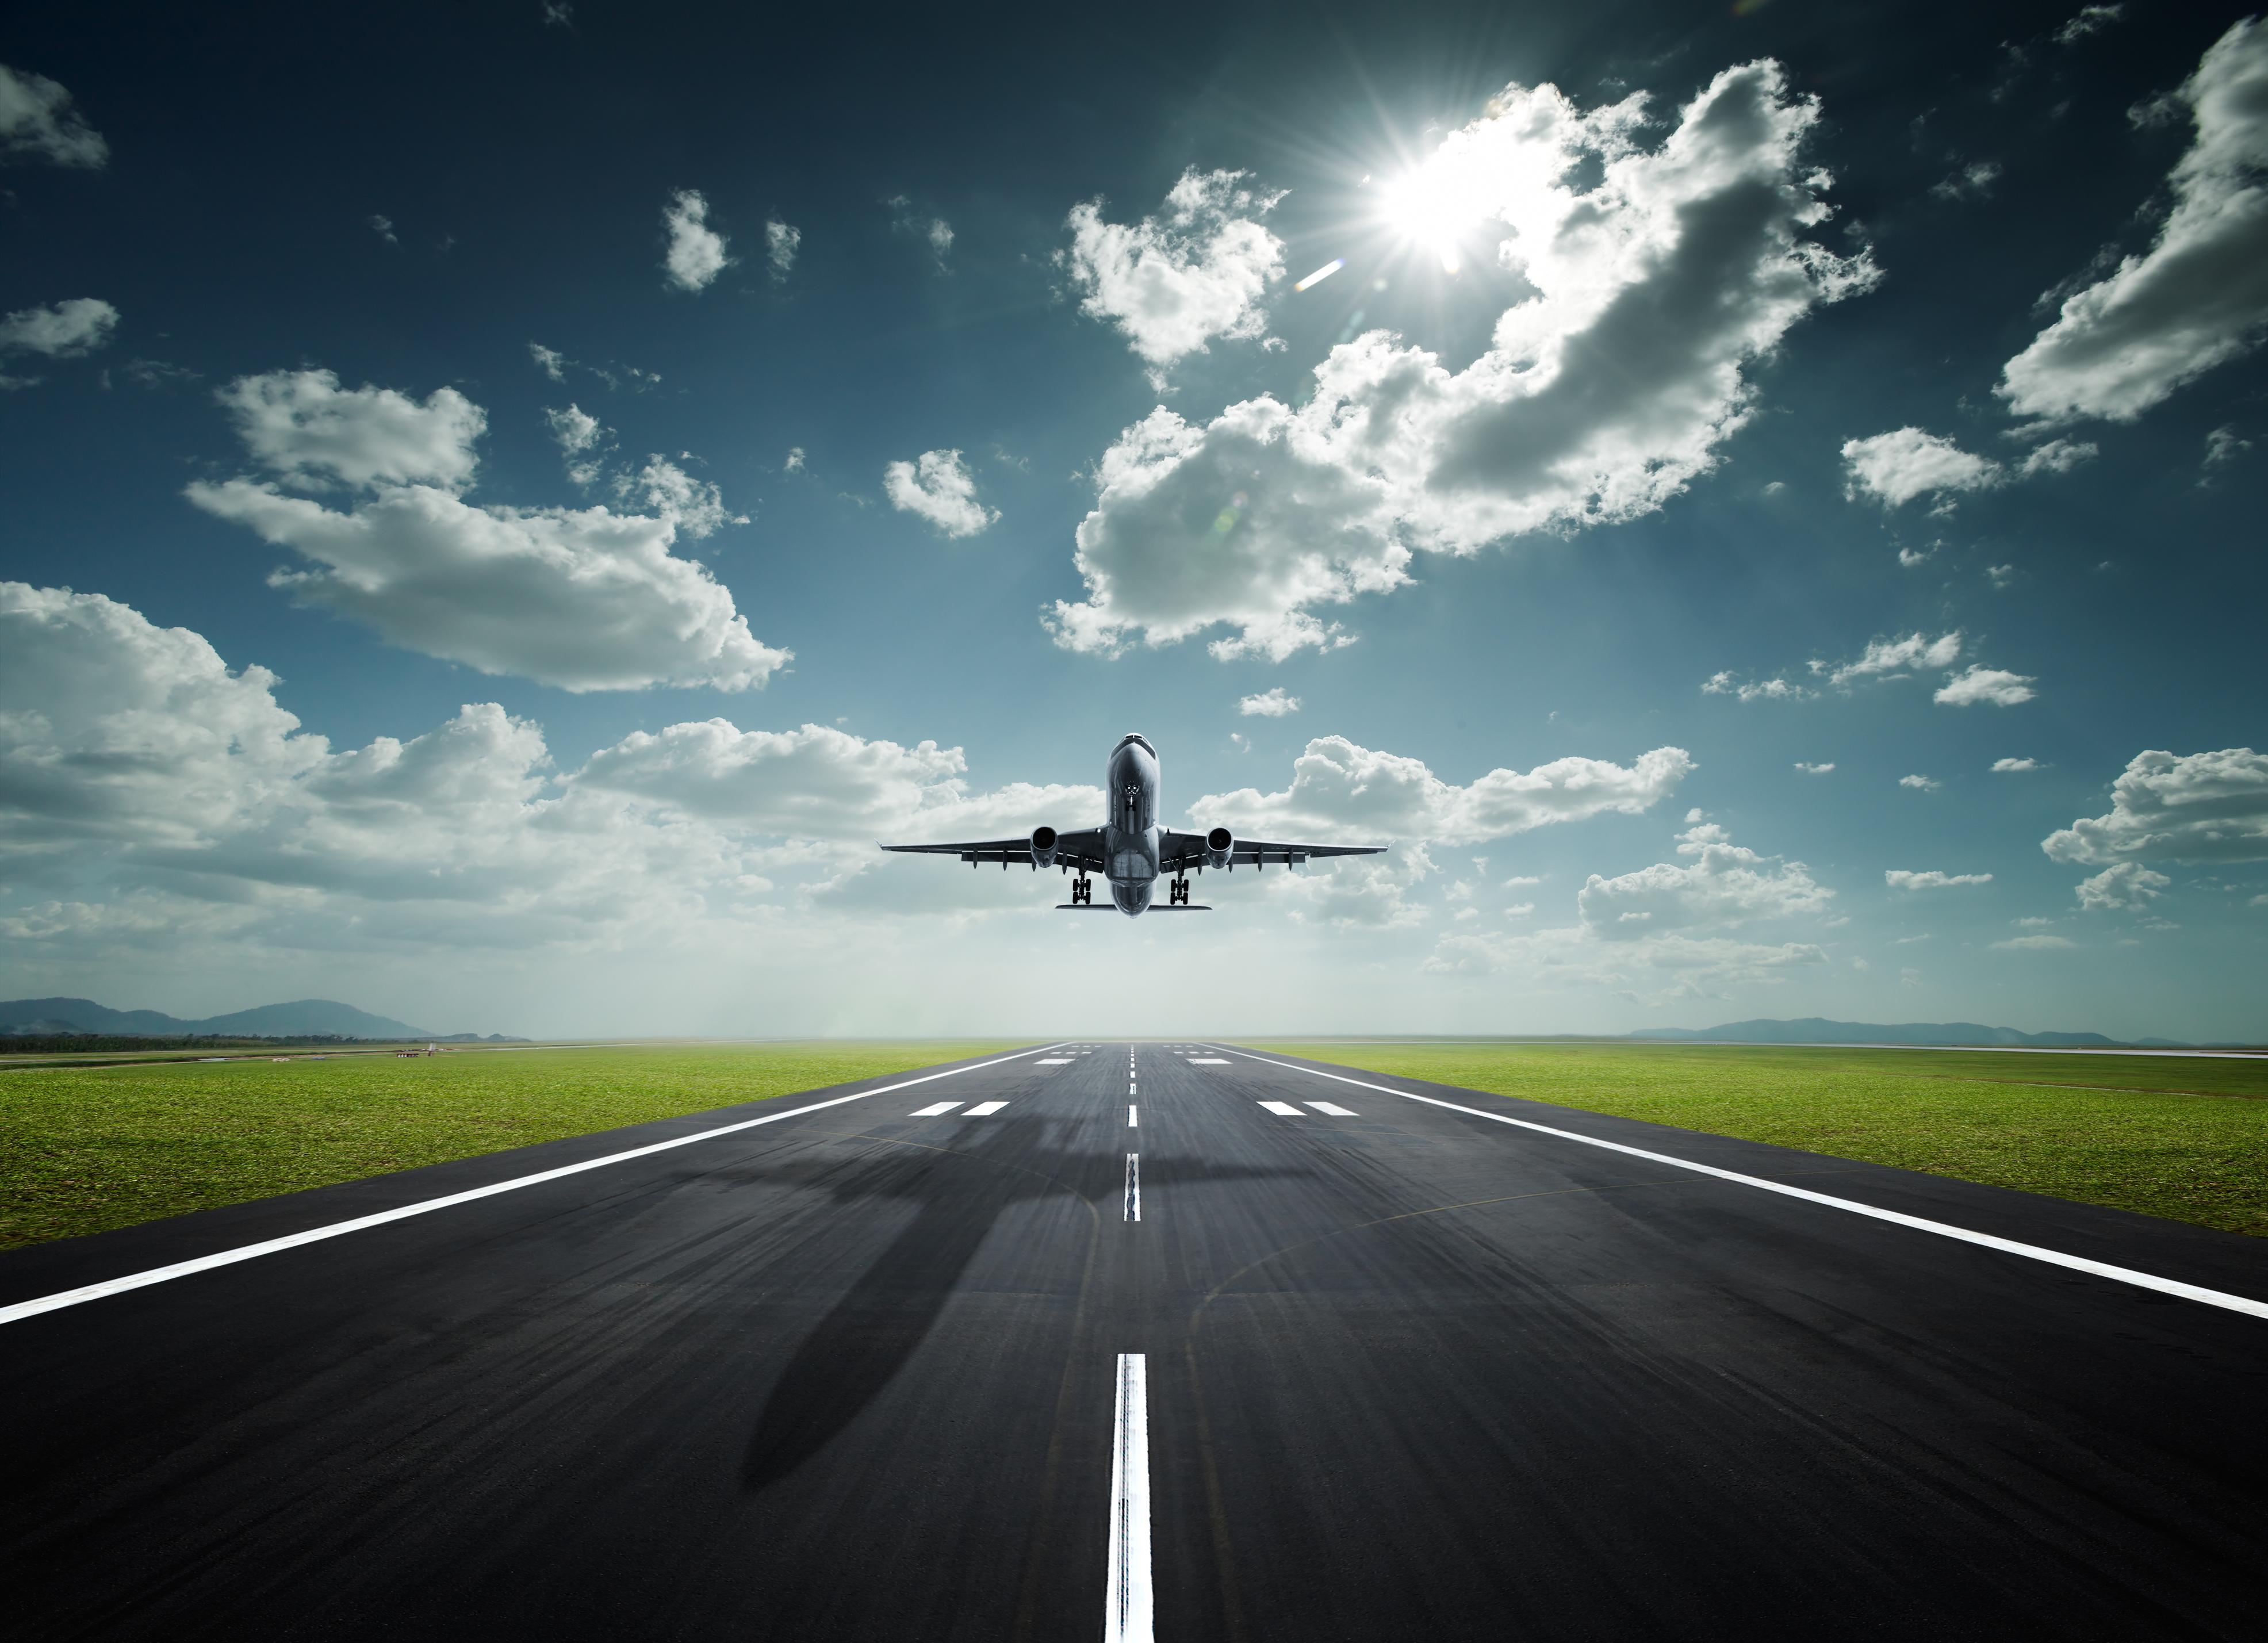 Обои Самолеты Бесплатно